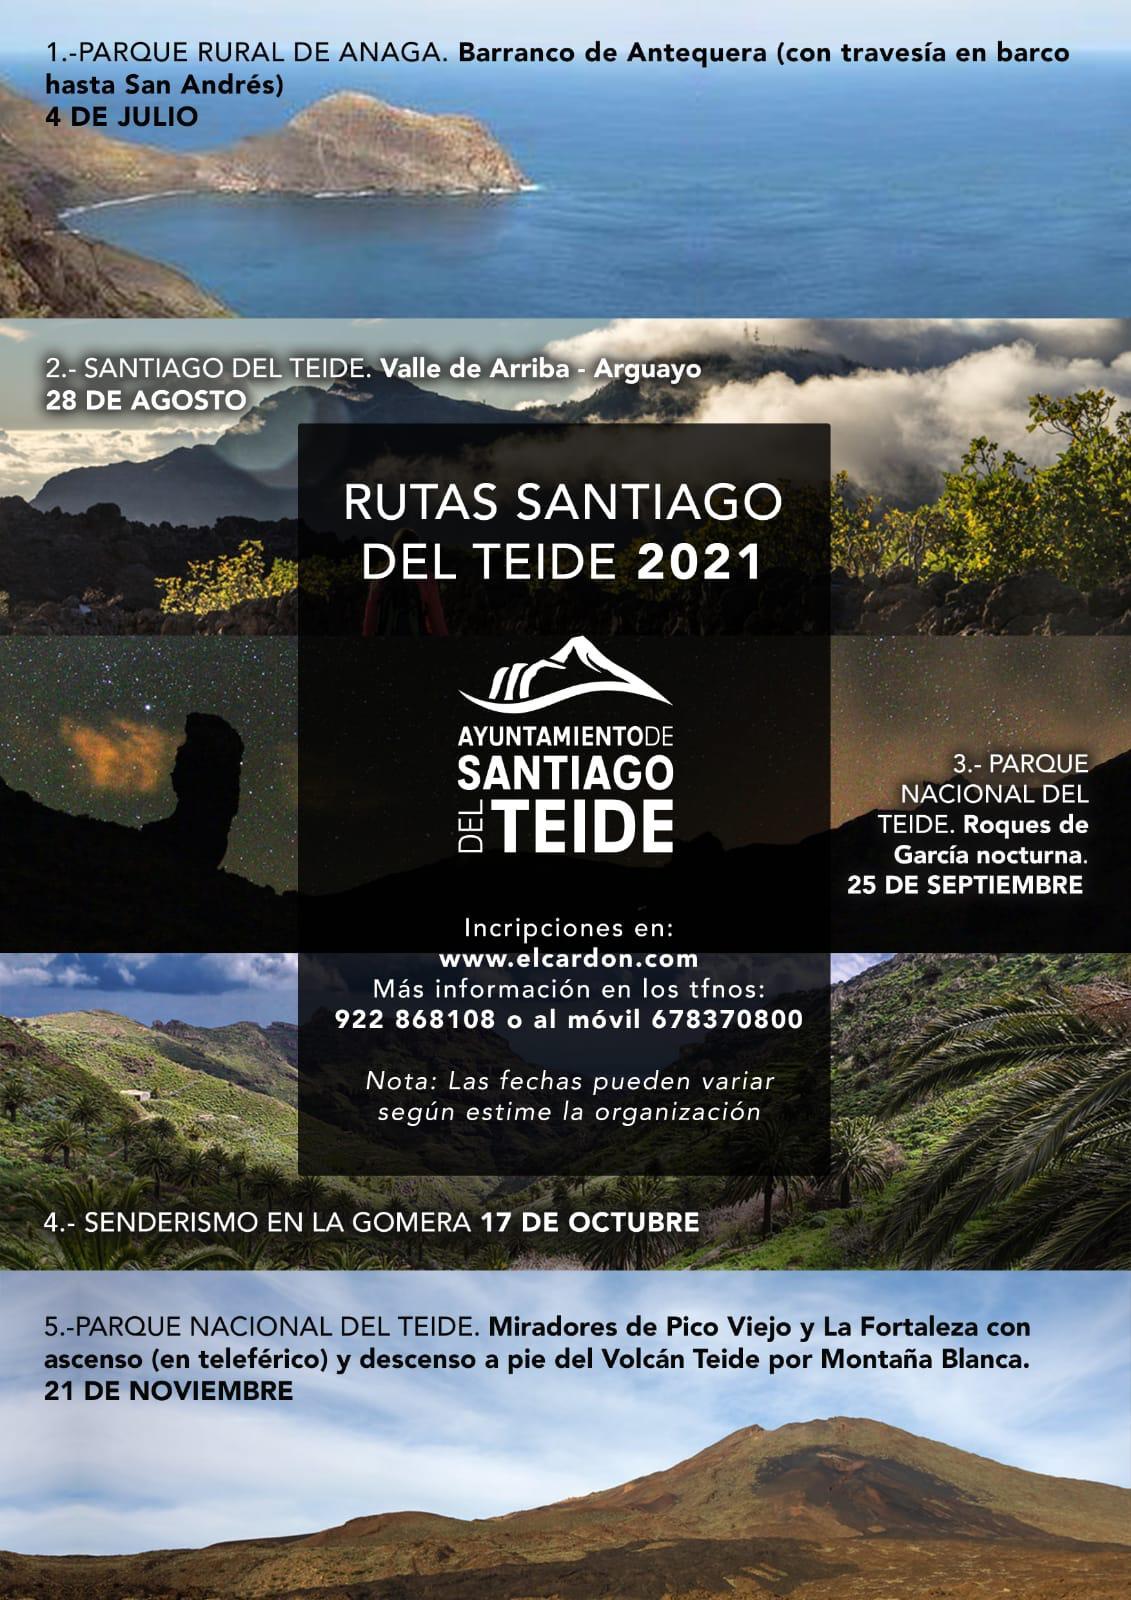 Programa de rutas Santiago del Teide 2021 ee6e1ab9-d967-41e2-98ca-35e7349c9aa2